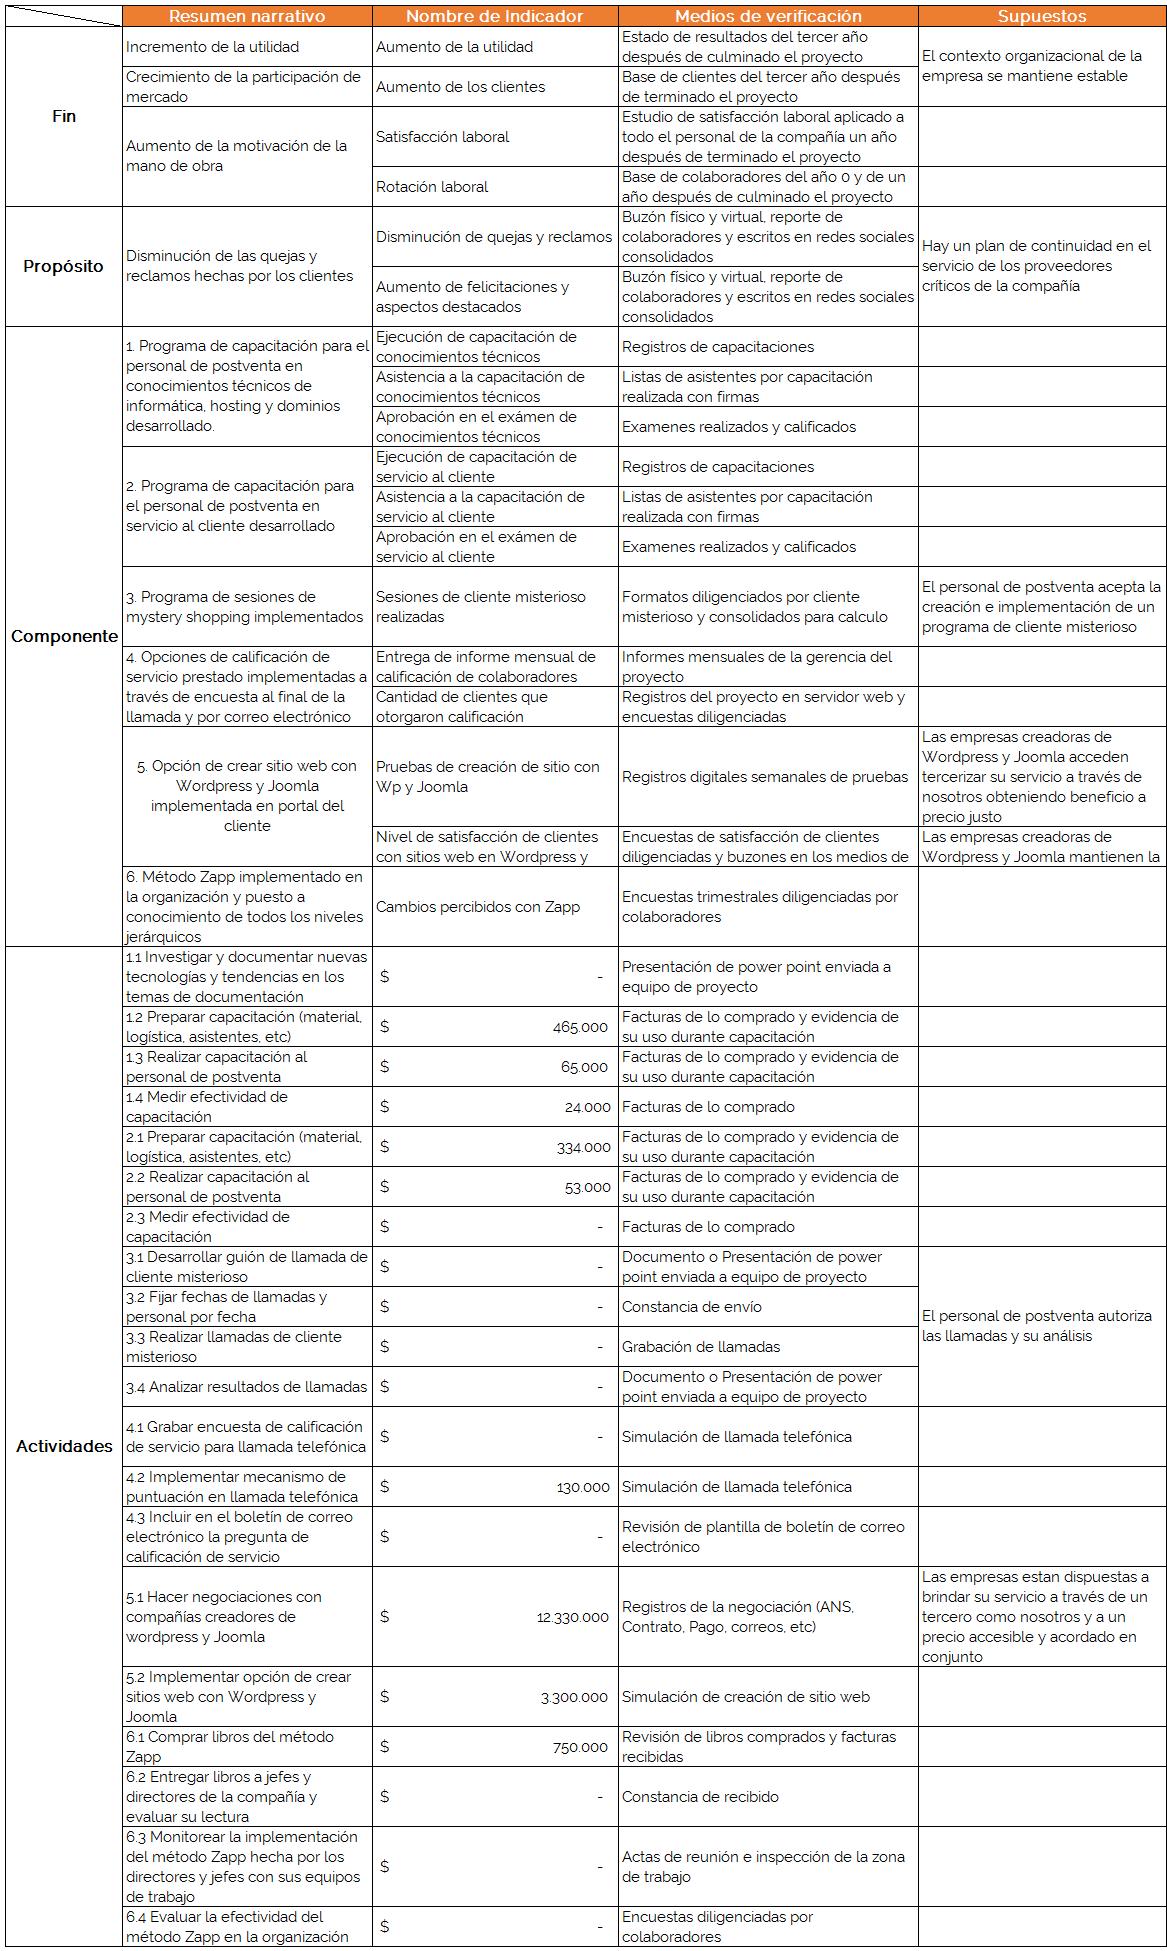 Los supuestos en la metodología de marco lógico - Ingenio Empresa